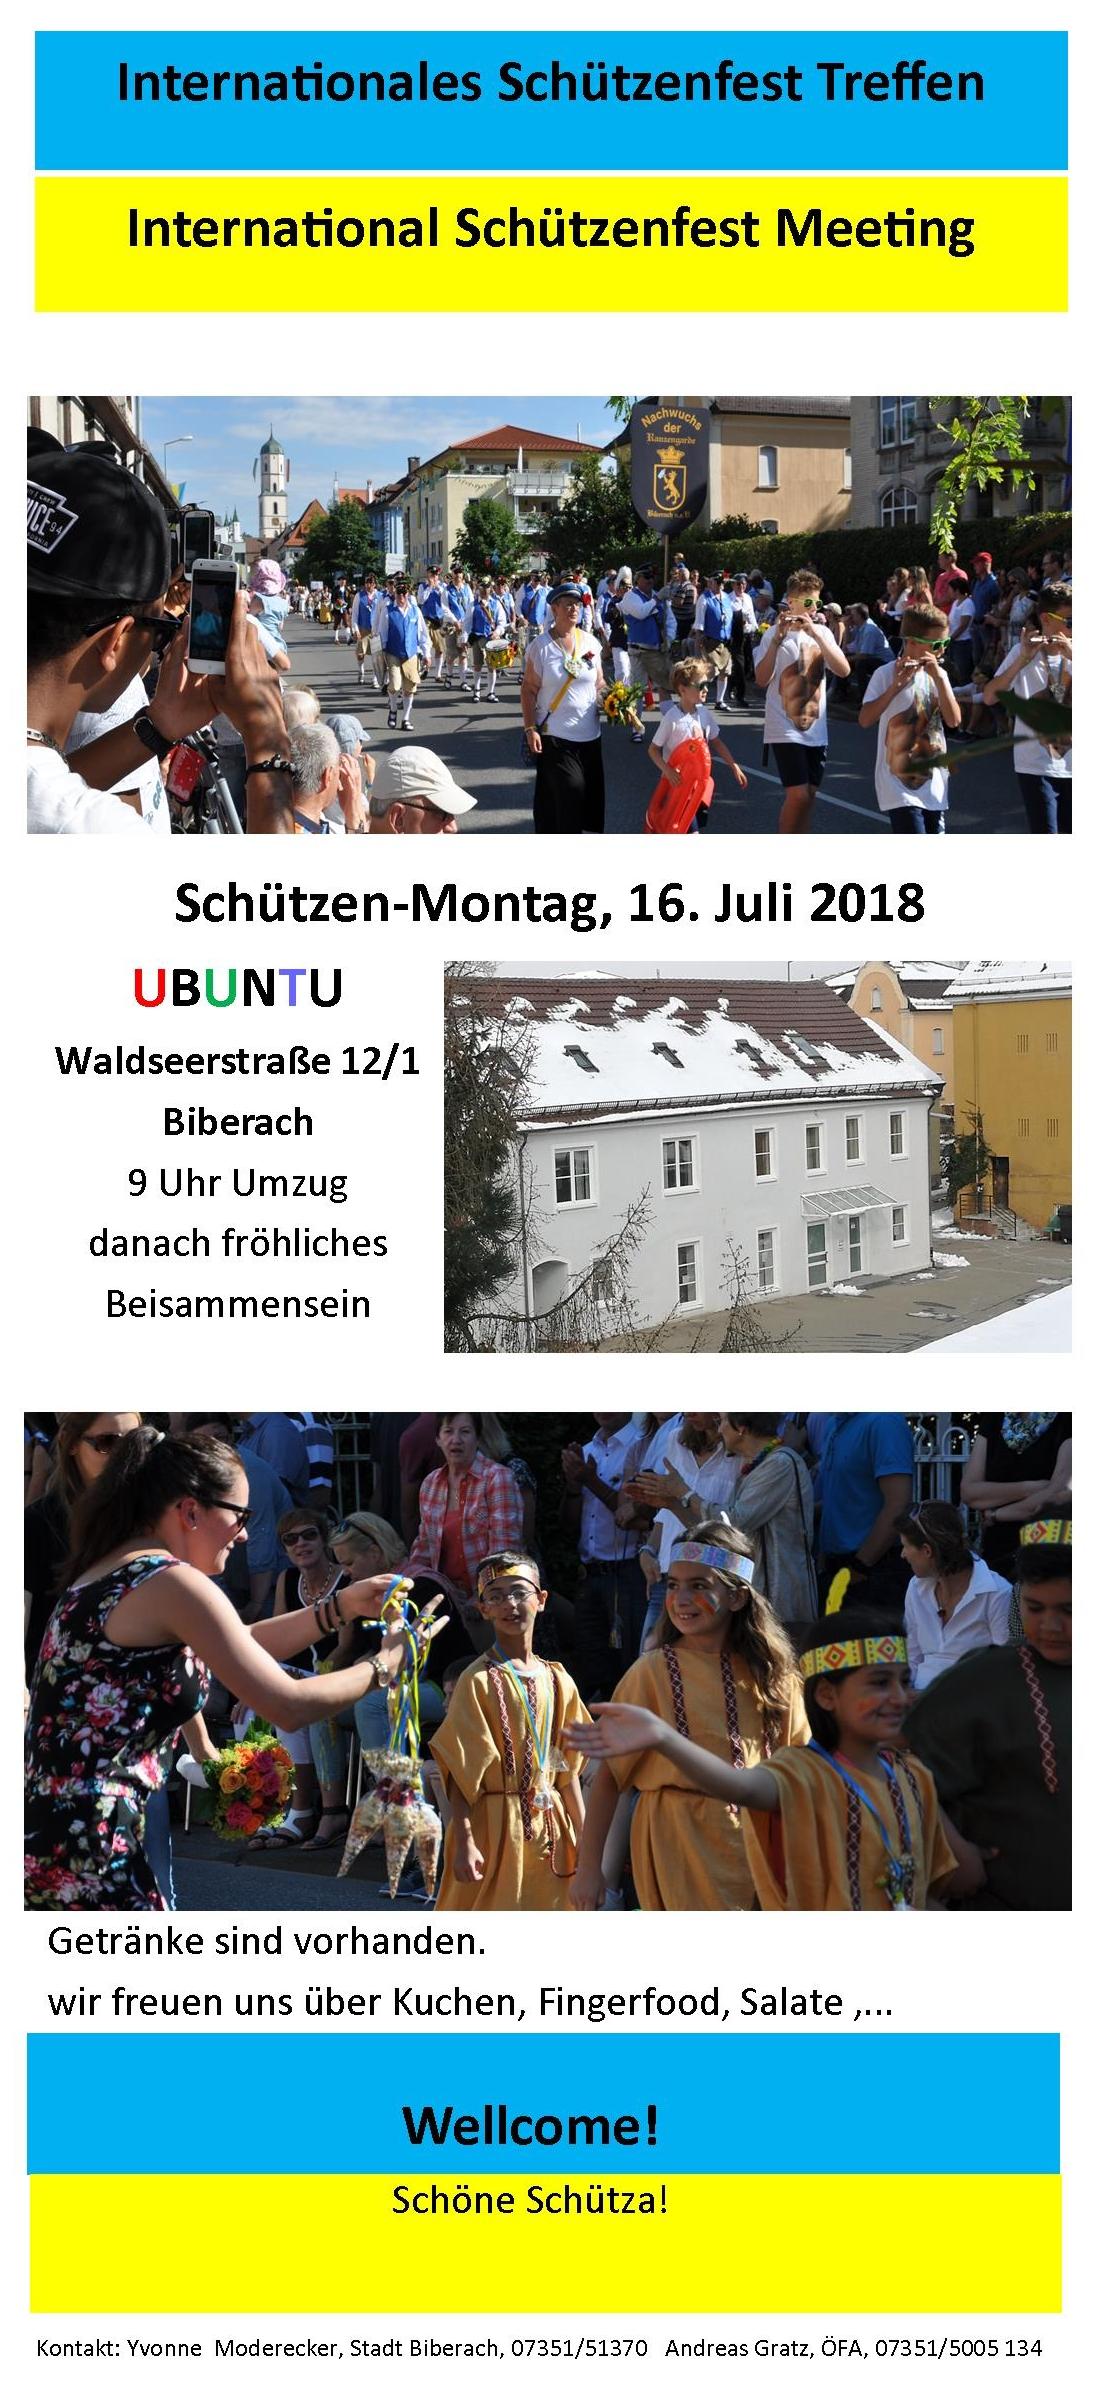 20180613_schuetzentreff_flyer.jpg